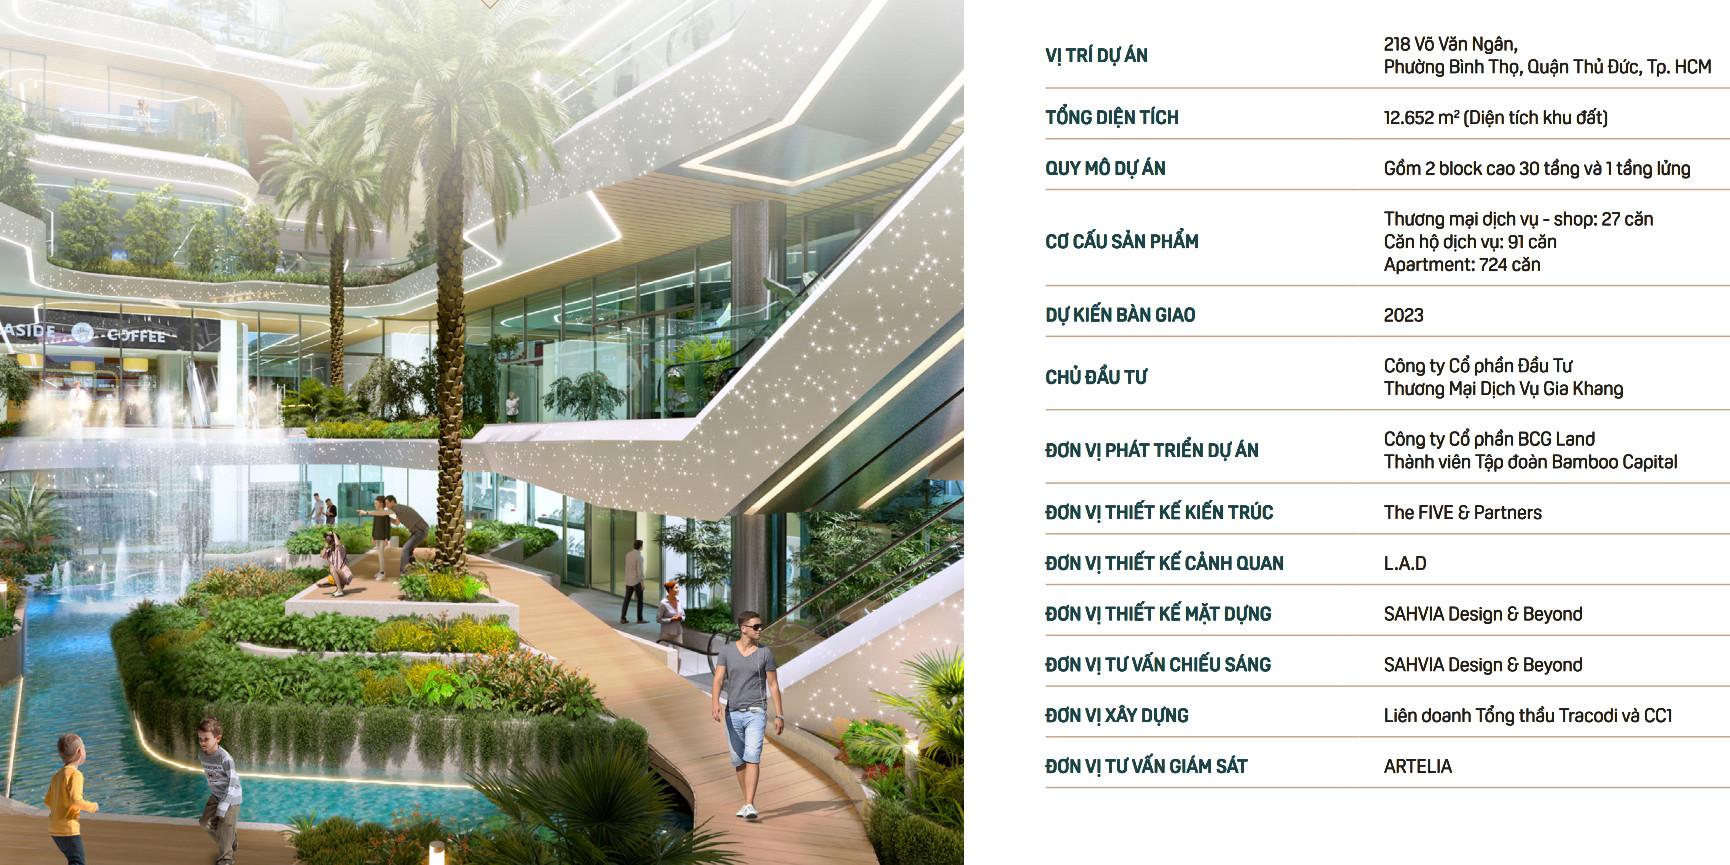 Tổng quan dự án căn hộ chung cư King Crown Infinity Thủ Đức CĐT BCG